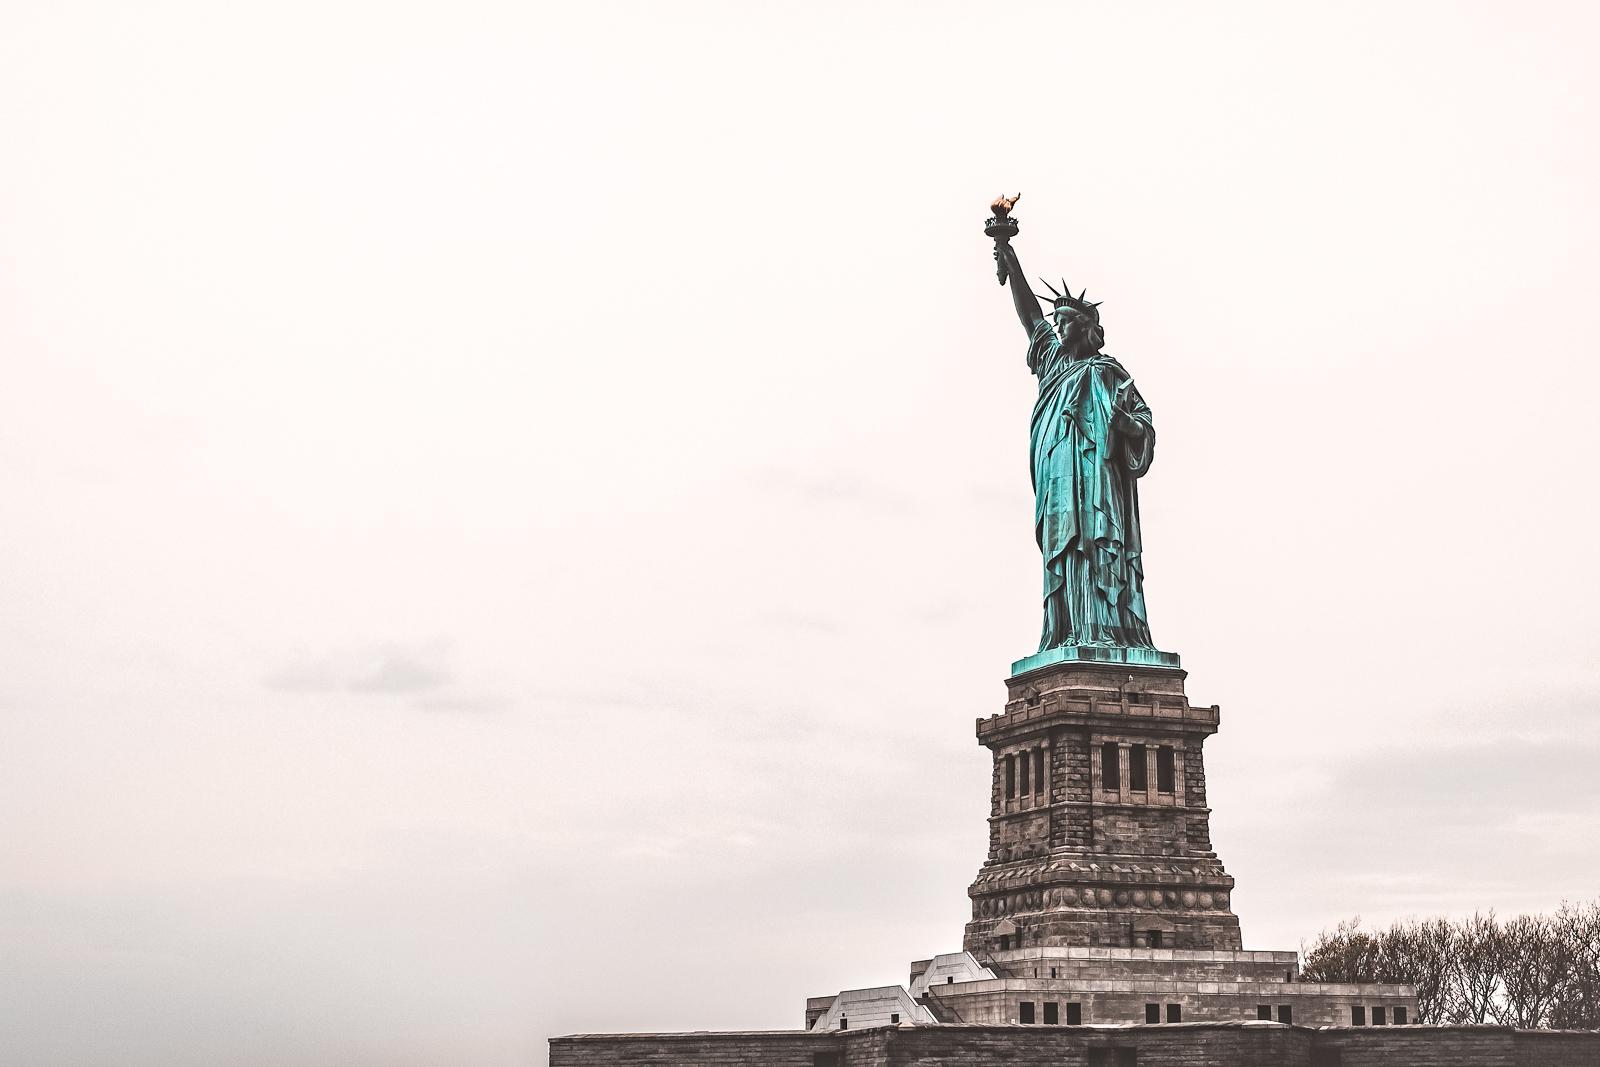 Ab nach Amerika - Infos für die Einreise in die USA - Amerika Einreise - ESTA - Einreisebestimmungen - Reise nach Amerika - Was muss ich bei der Einreise in Amerika beachten - Einreise Amerika - Visum Amerika - Fashionladyloves by Tamara Wagner - Reiseblog - Travelblogger